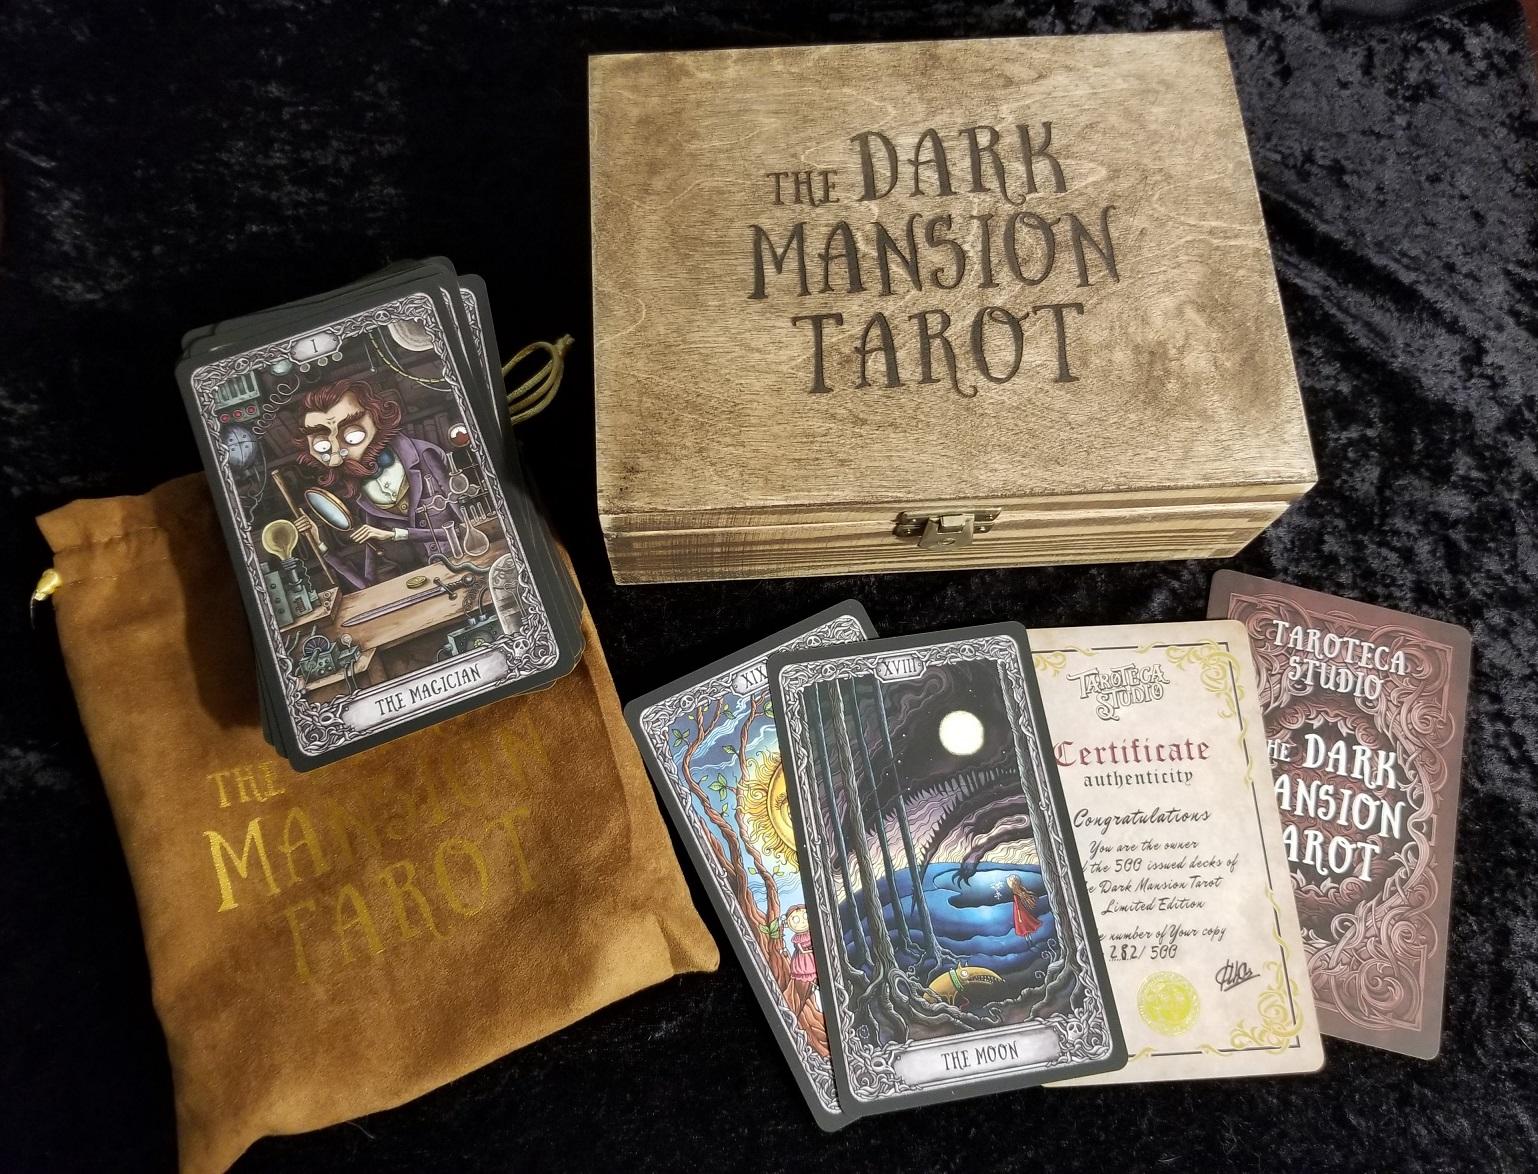 DarkMansion_Photo.jpg